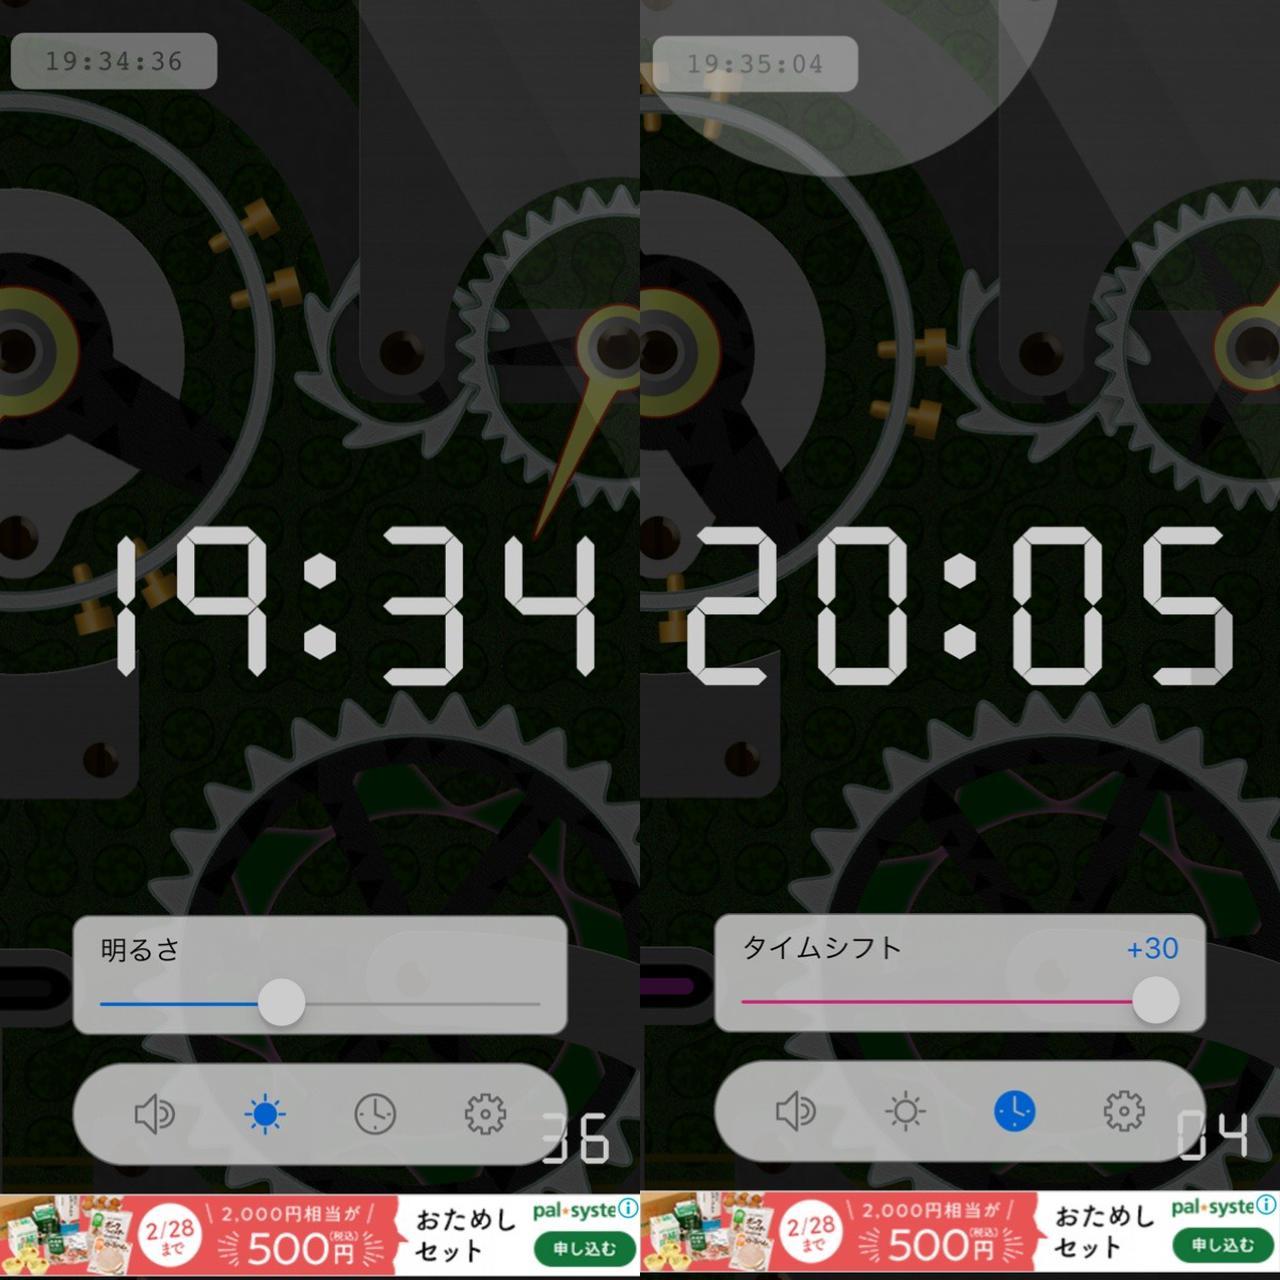 画像2: 一見普通の時計アプリ。でも実は時間をいじることができちゃう。